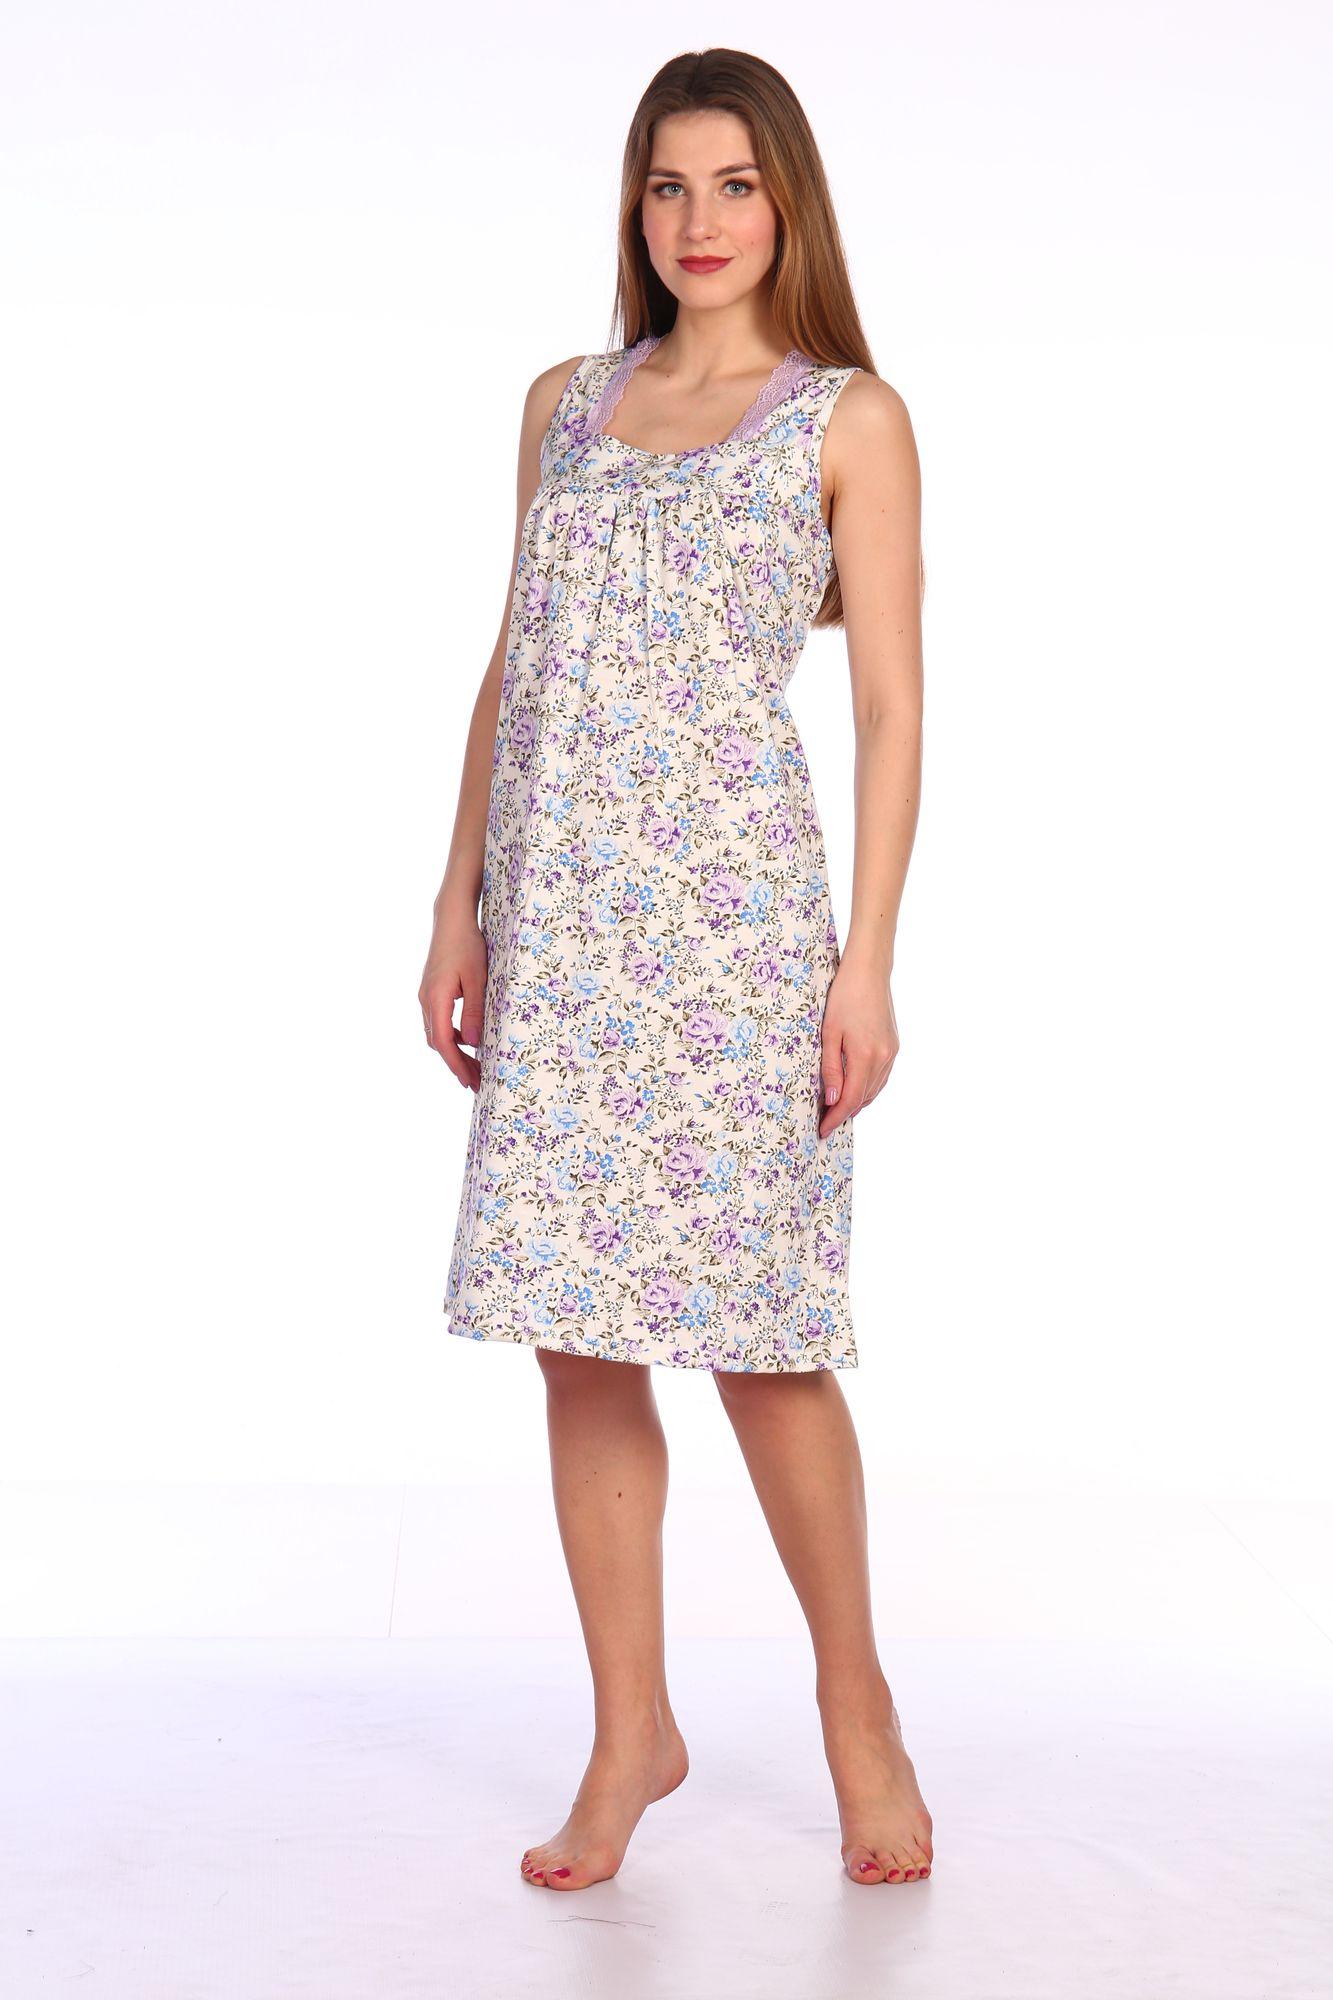 Сорочка ночная женская, мод. 449, трикотаж (Прелесть (сиреневый))